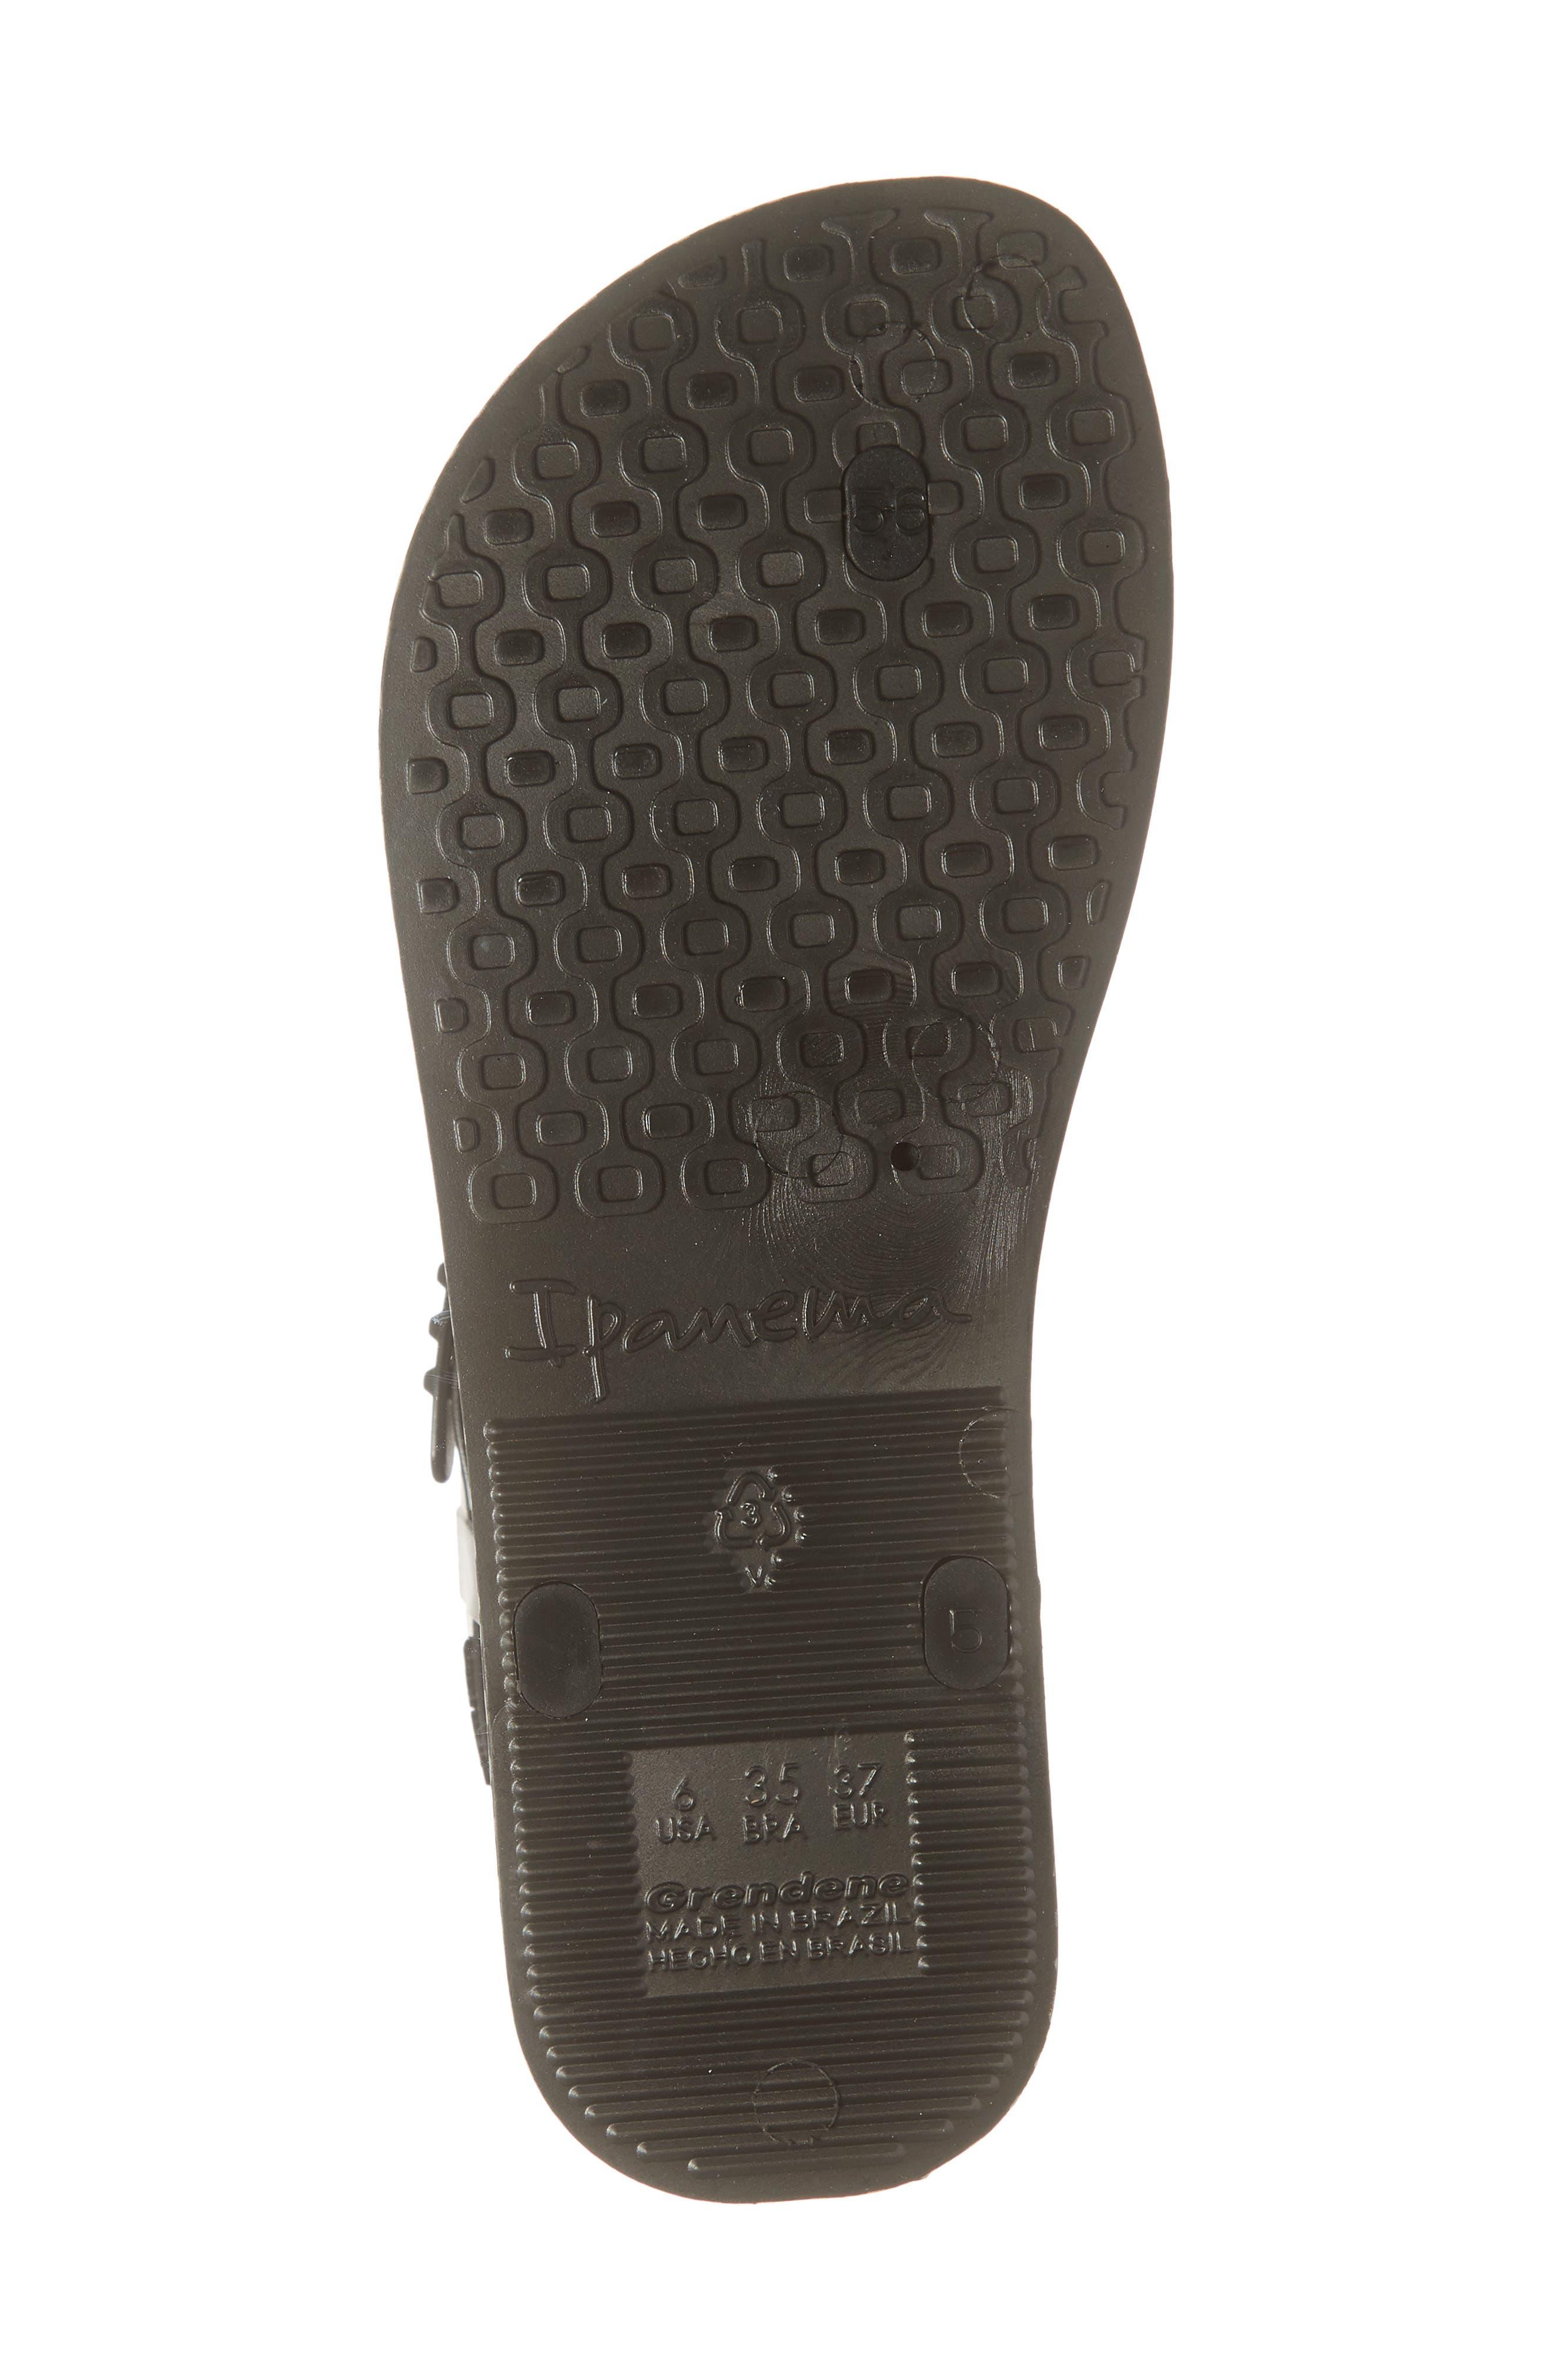 IPANEMA, Plush Weave T-Strap Sandal, Alternate thumbnail 6, color, BLACK